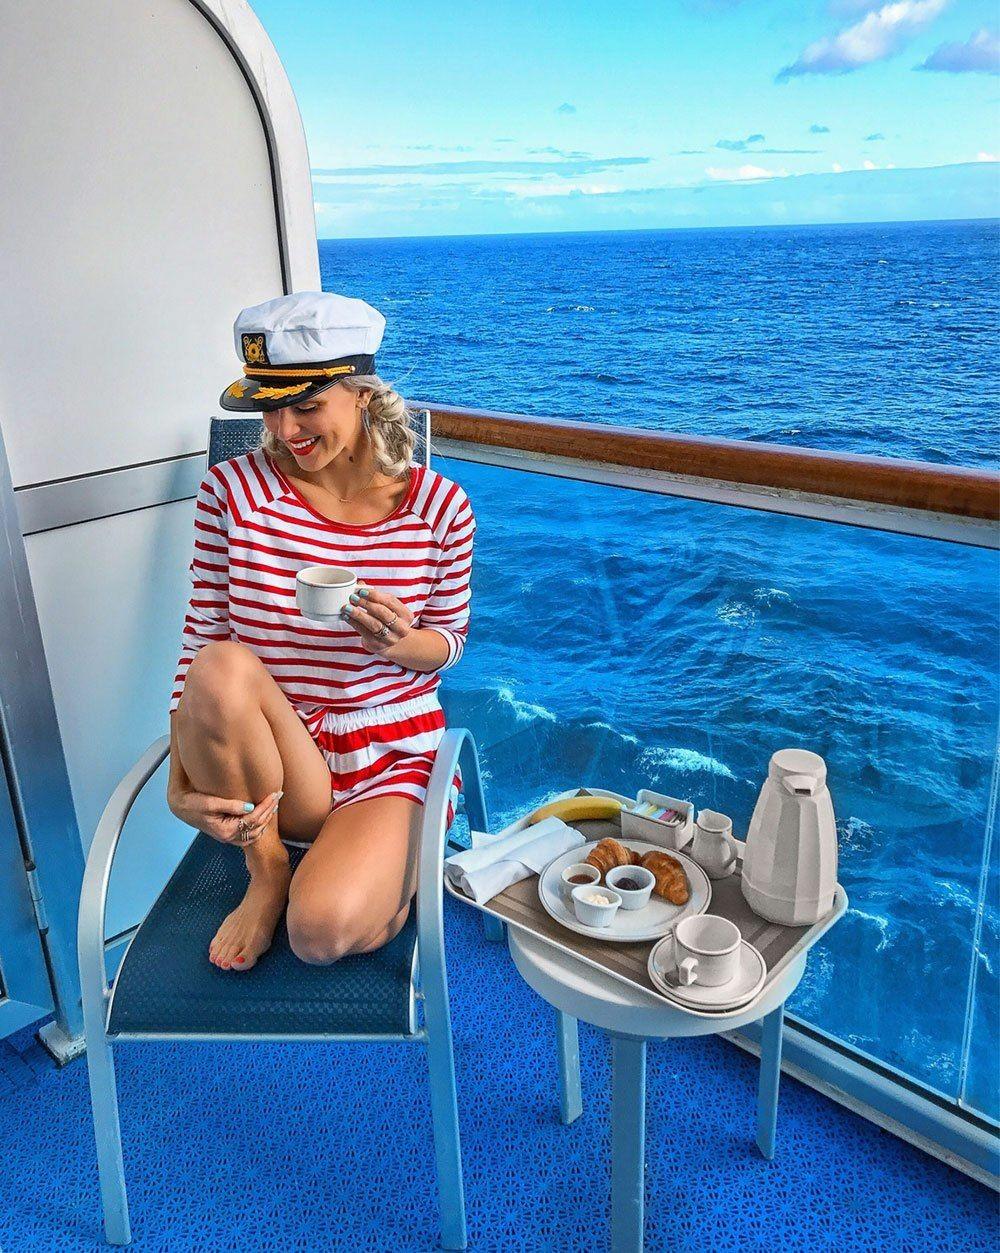 �������� Princess Cruises �챦ʯ������ Ruby Princess ���ô����ɽ��������ҹ�+����˹�ӱ�����14���������� 2018��5��1�ձ������� ����ͼ�Ǵ� ���߱��:7718050111